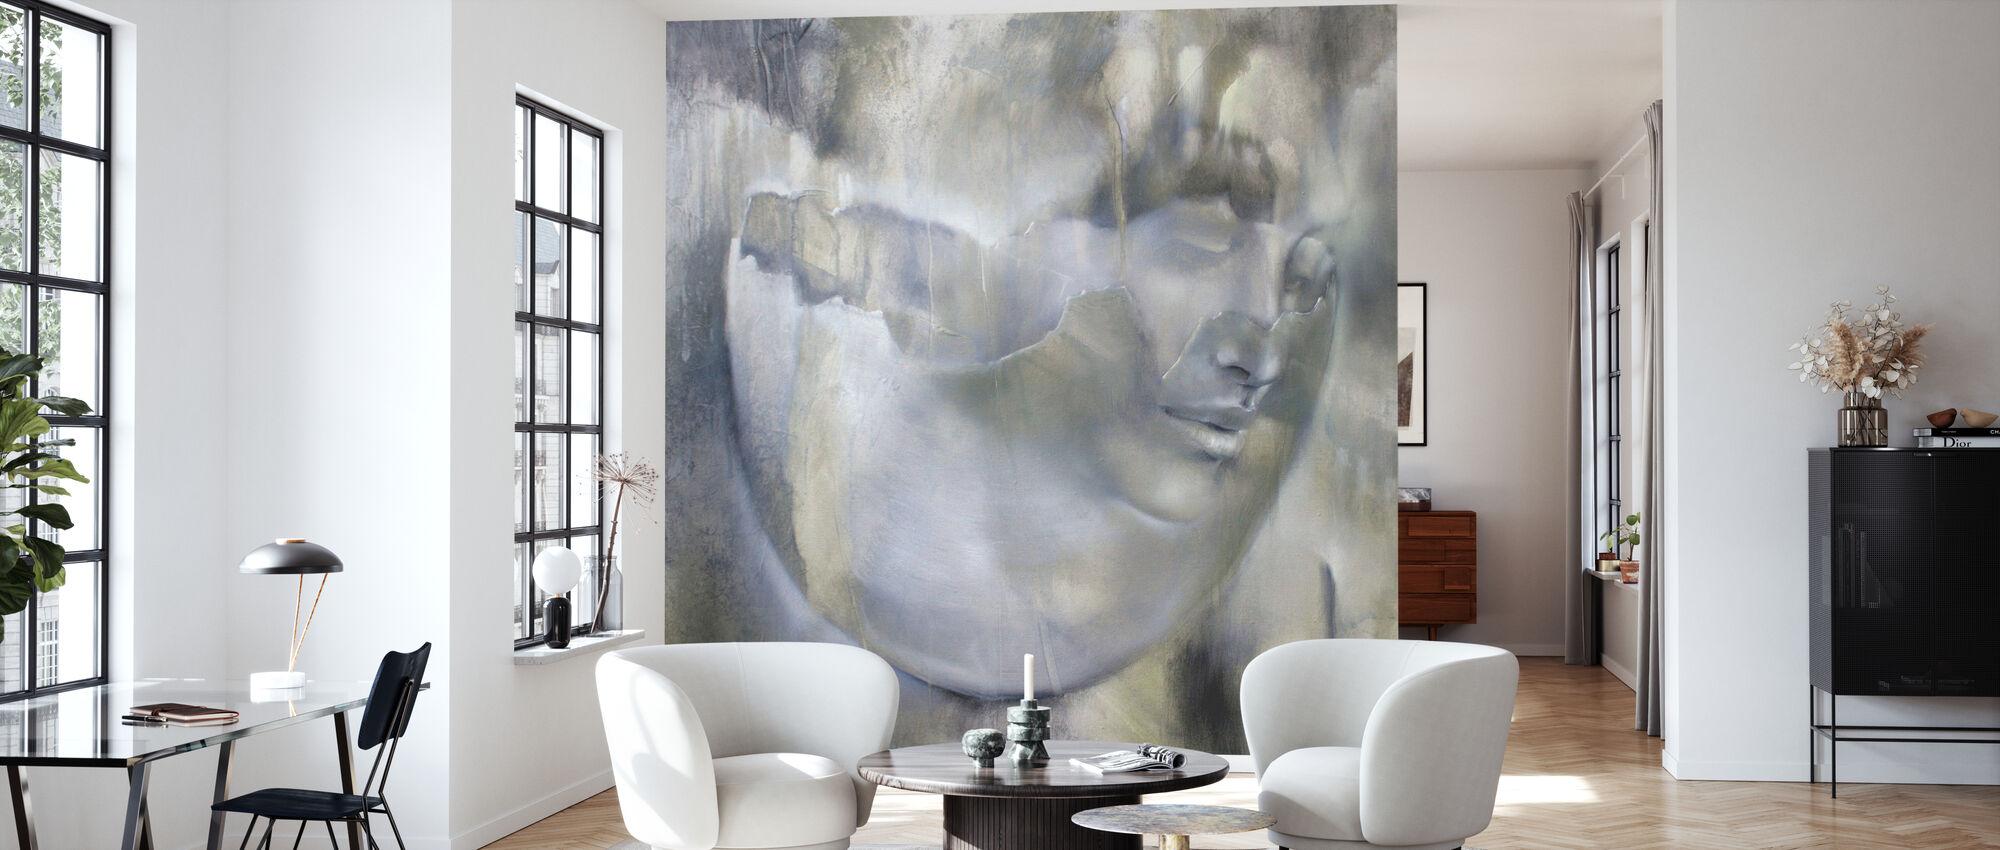 Portrait and Eggshell - Wallpaper - Living Room